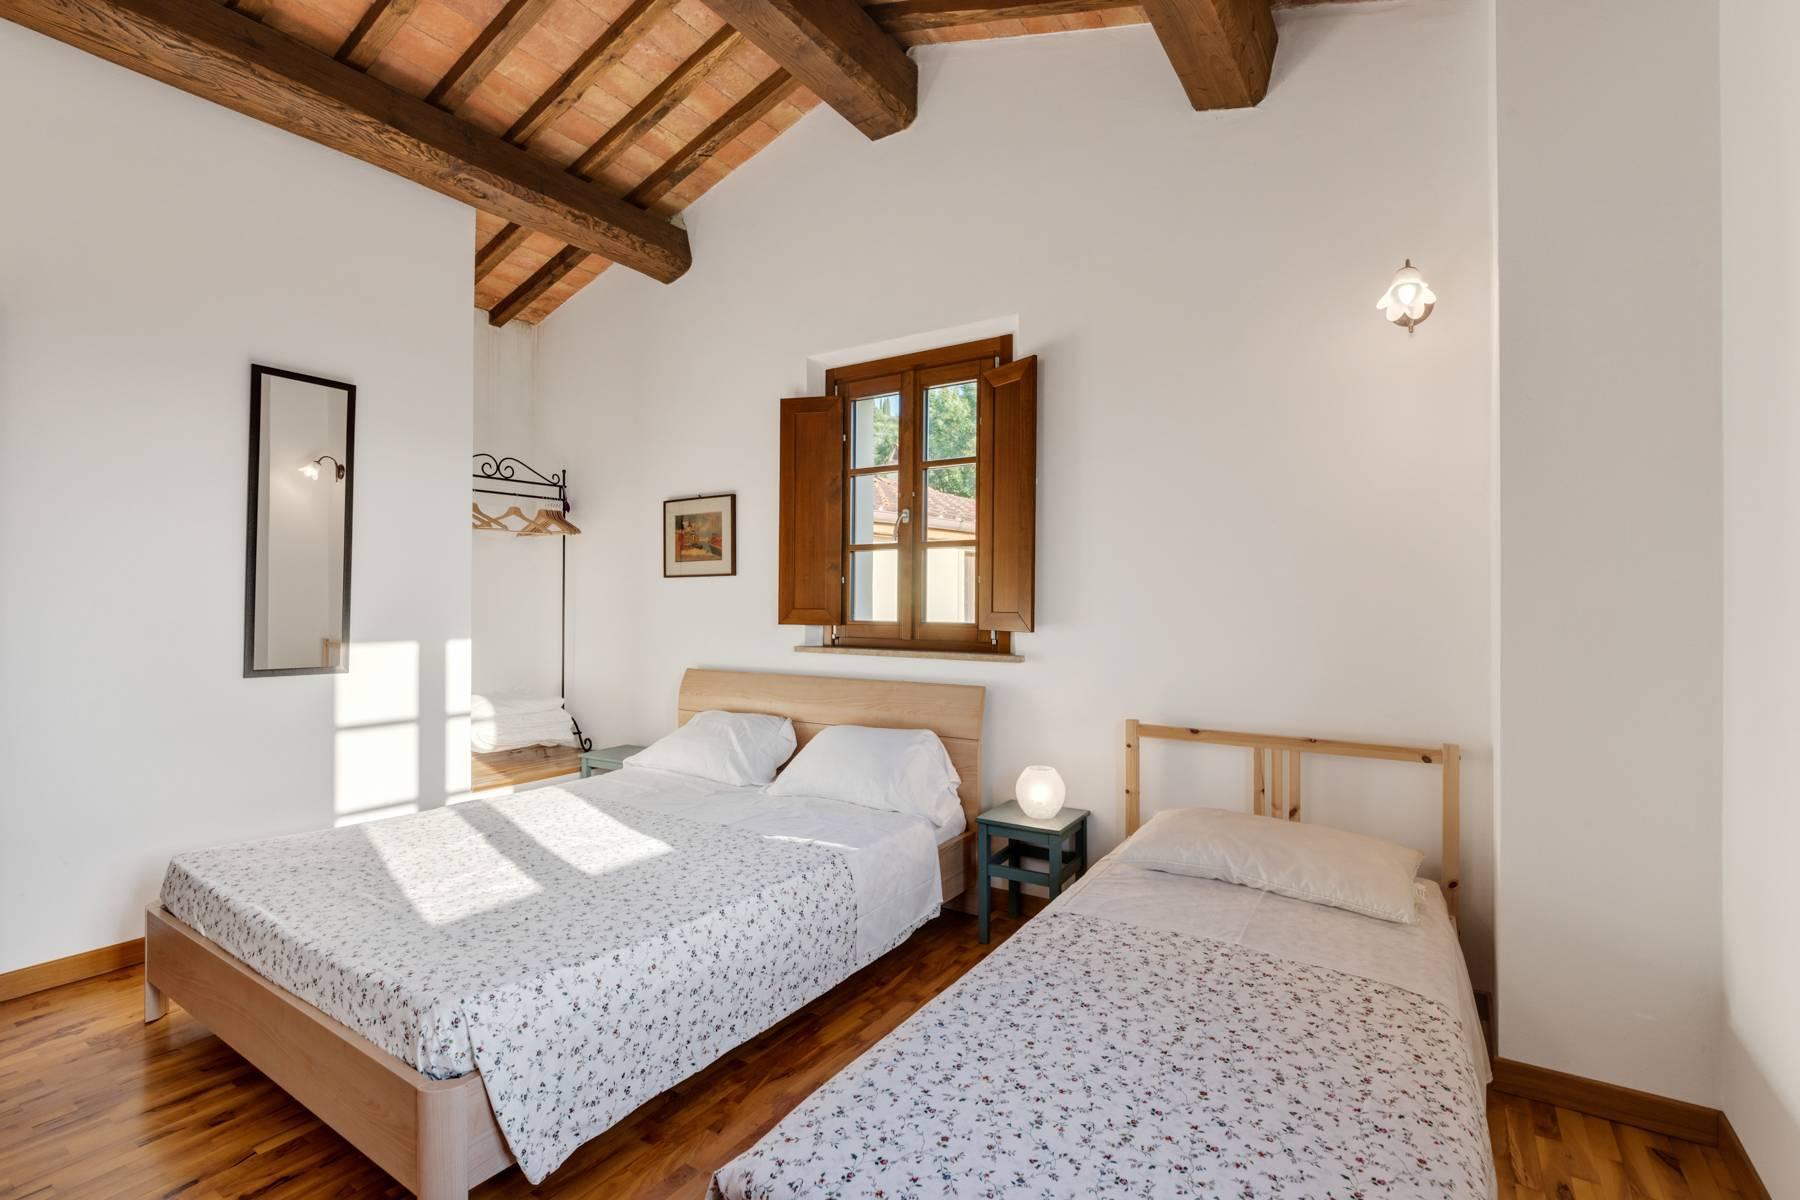 Charmante maison de campagne avec piscine sur les collines toscanes - 13